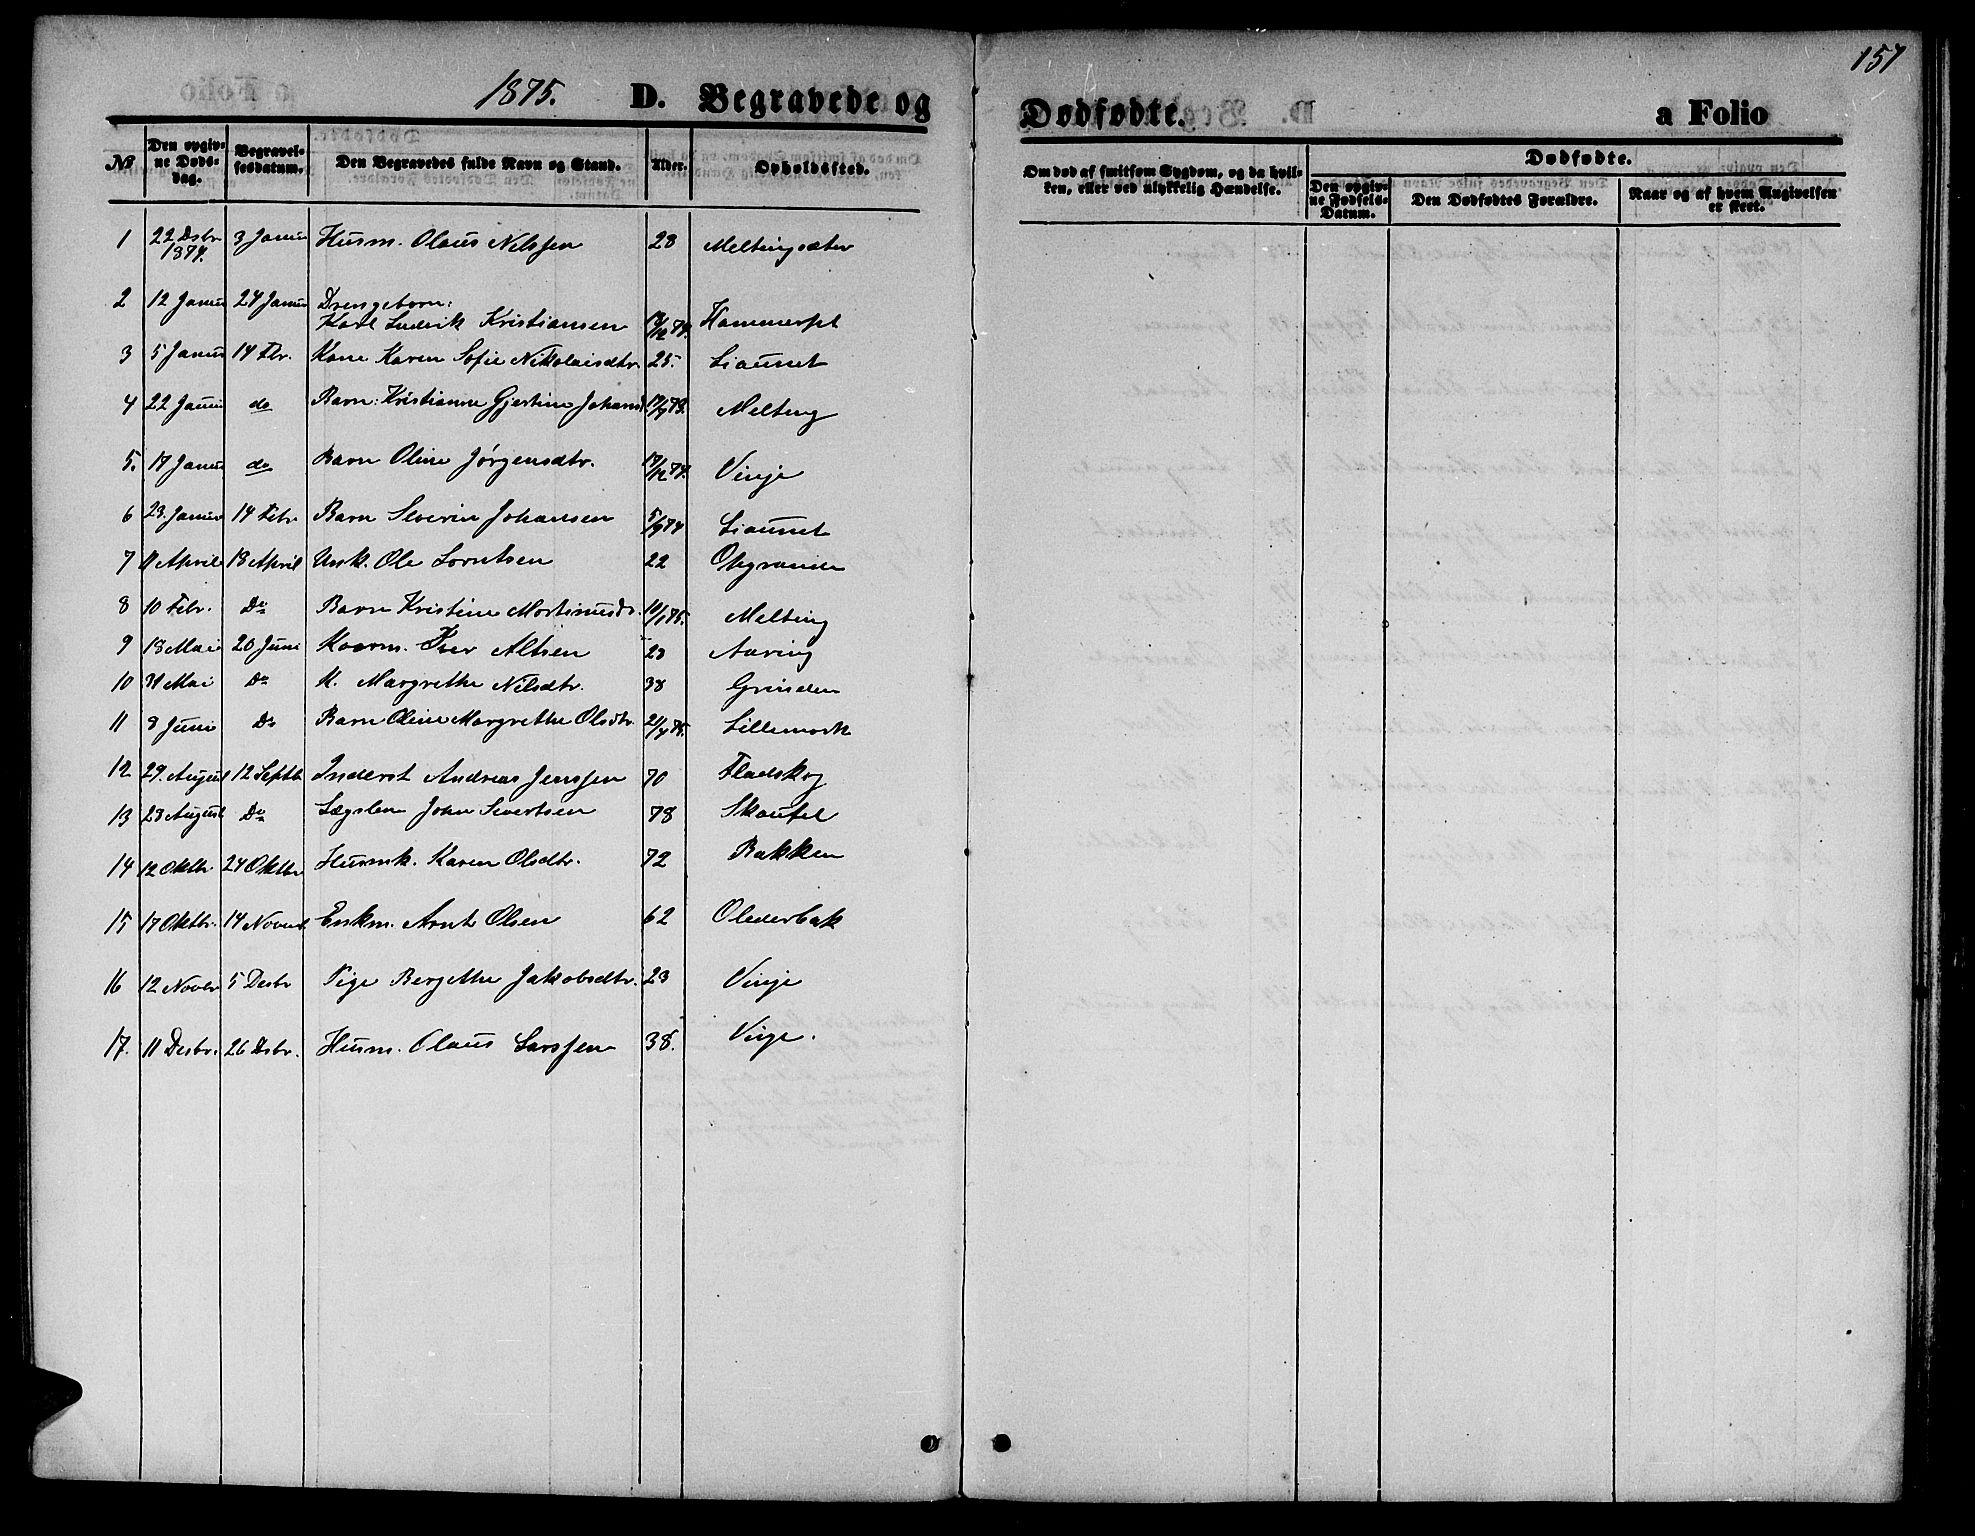 SAT, Ministerialprotokoller, klokkerbøker og fødselsregistre - Nord-Trøndelag, 733/L0326: Klokkerbok nr. 733C01, 1871-1887, s. 157